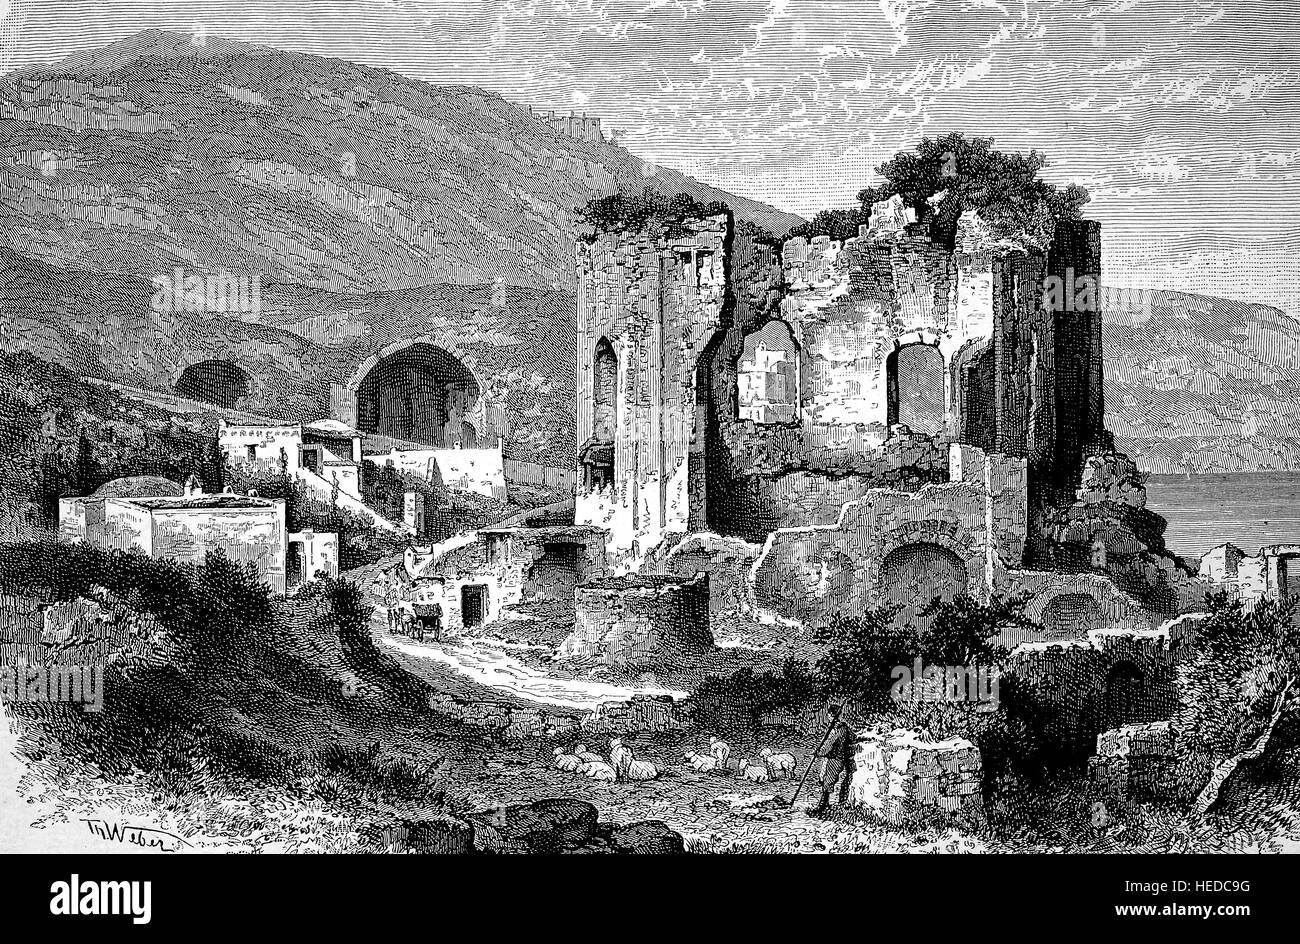 Rovine del tempio di Venere a Baja, un antico insediamento sul golfo di Napoli, Italia, da una xilografia di 1880, Immagini Stock